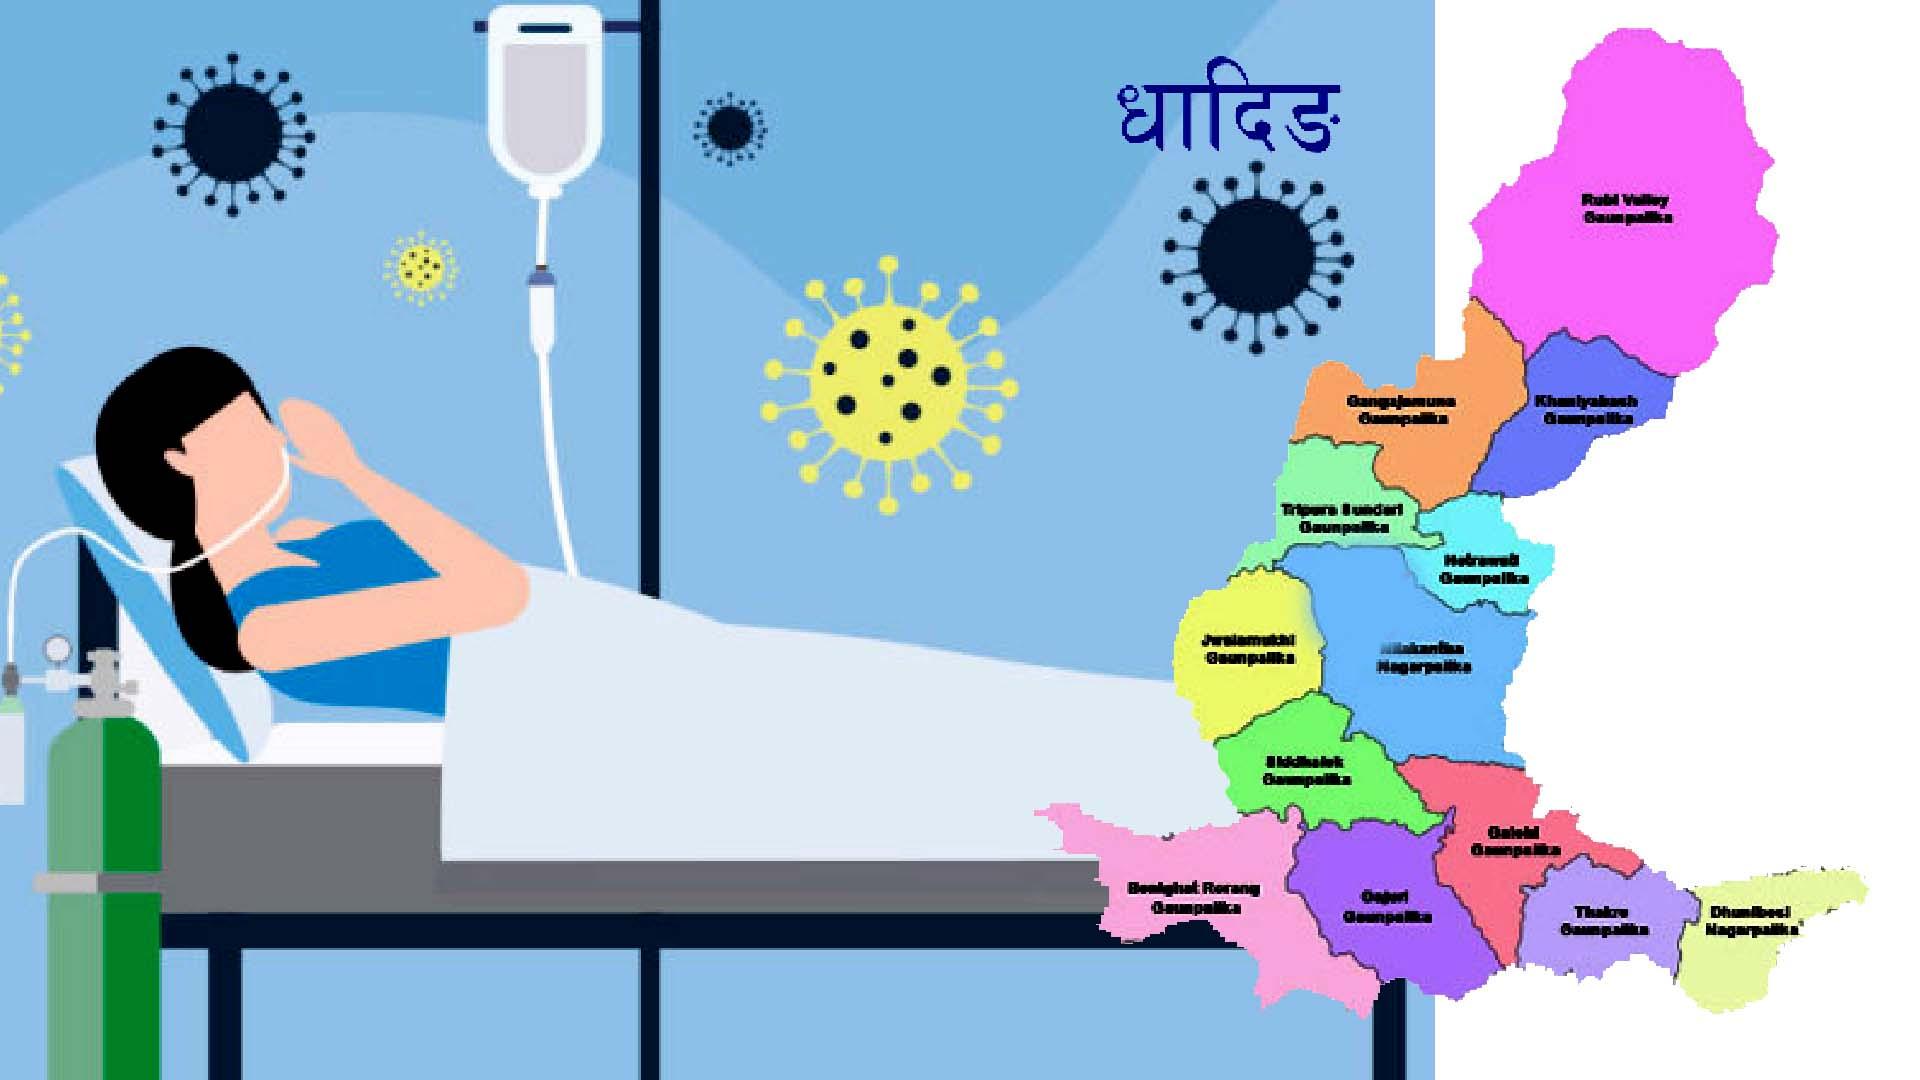 धादिङमा कोरोनाका सक्रिय संक्रमित १२ पुग्यो,तिन संक्रमित थपिए